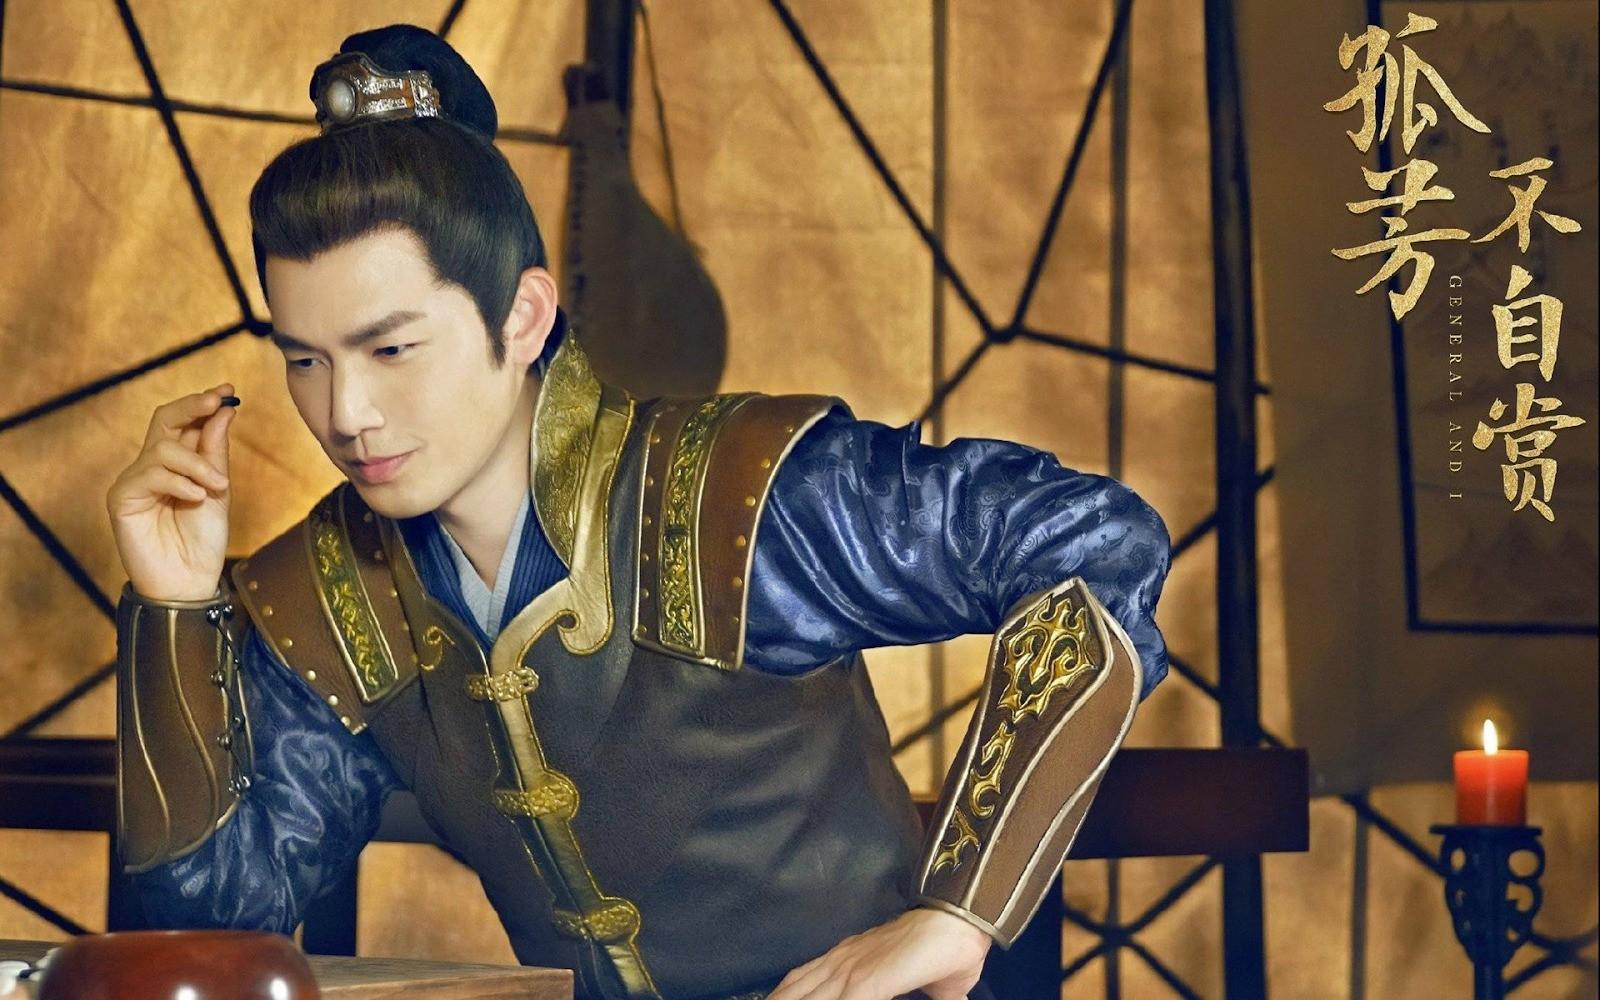 Chung Hán Lương: Vẻ đẹp nam thần thách thức thời gian, từng khiến triệu trái tim tan vỡ trước tin đồn đã có vợ con - Ảnh 12.